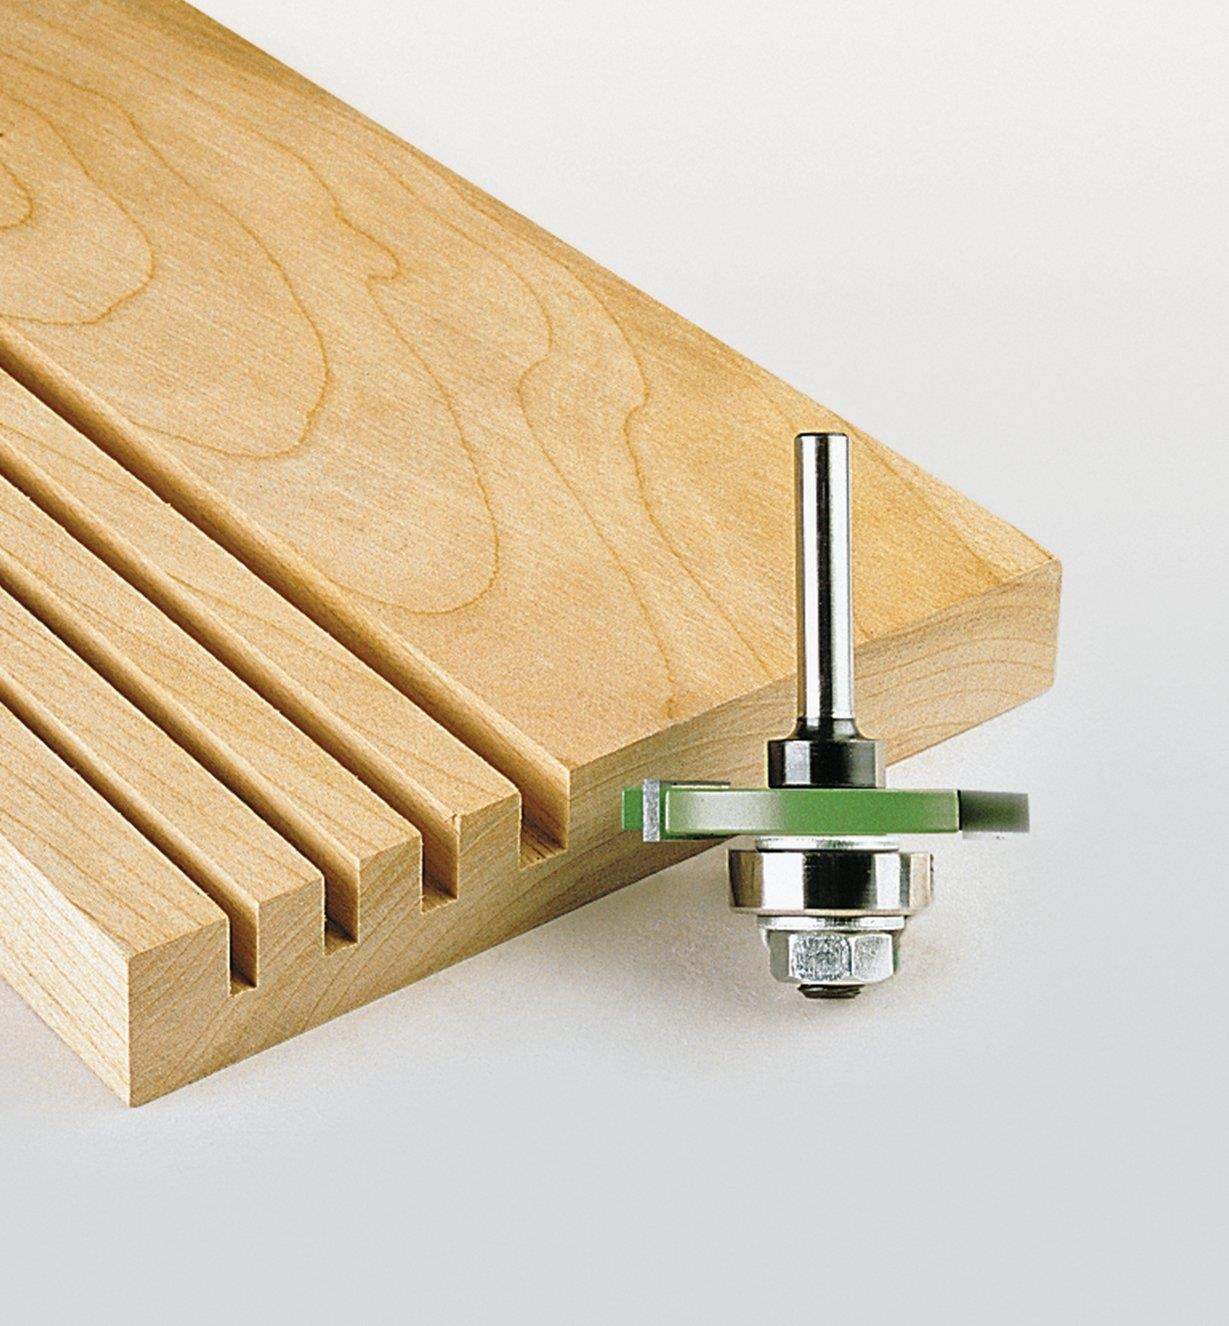 18J8203 - Ensemble couteau à rainurer à 3 ailettes et arbre, 17/8po x 1/8po x 8mm